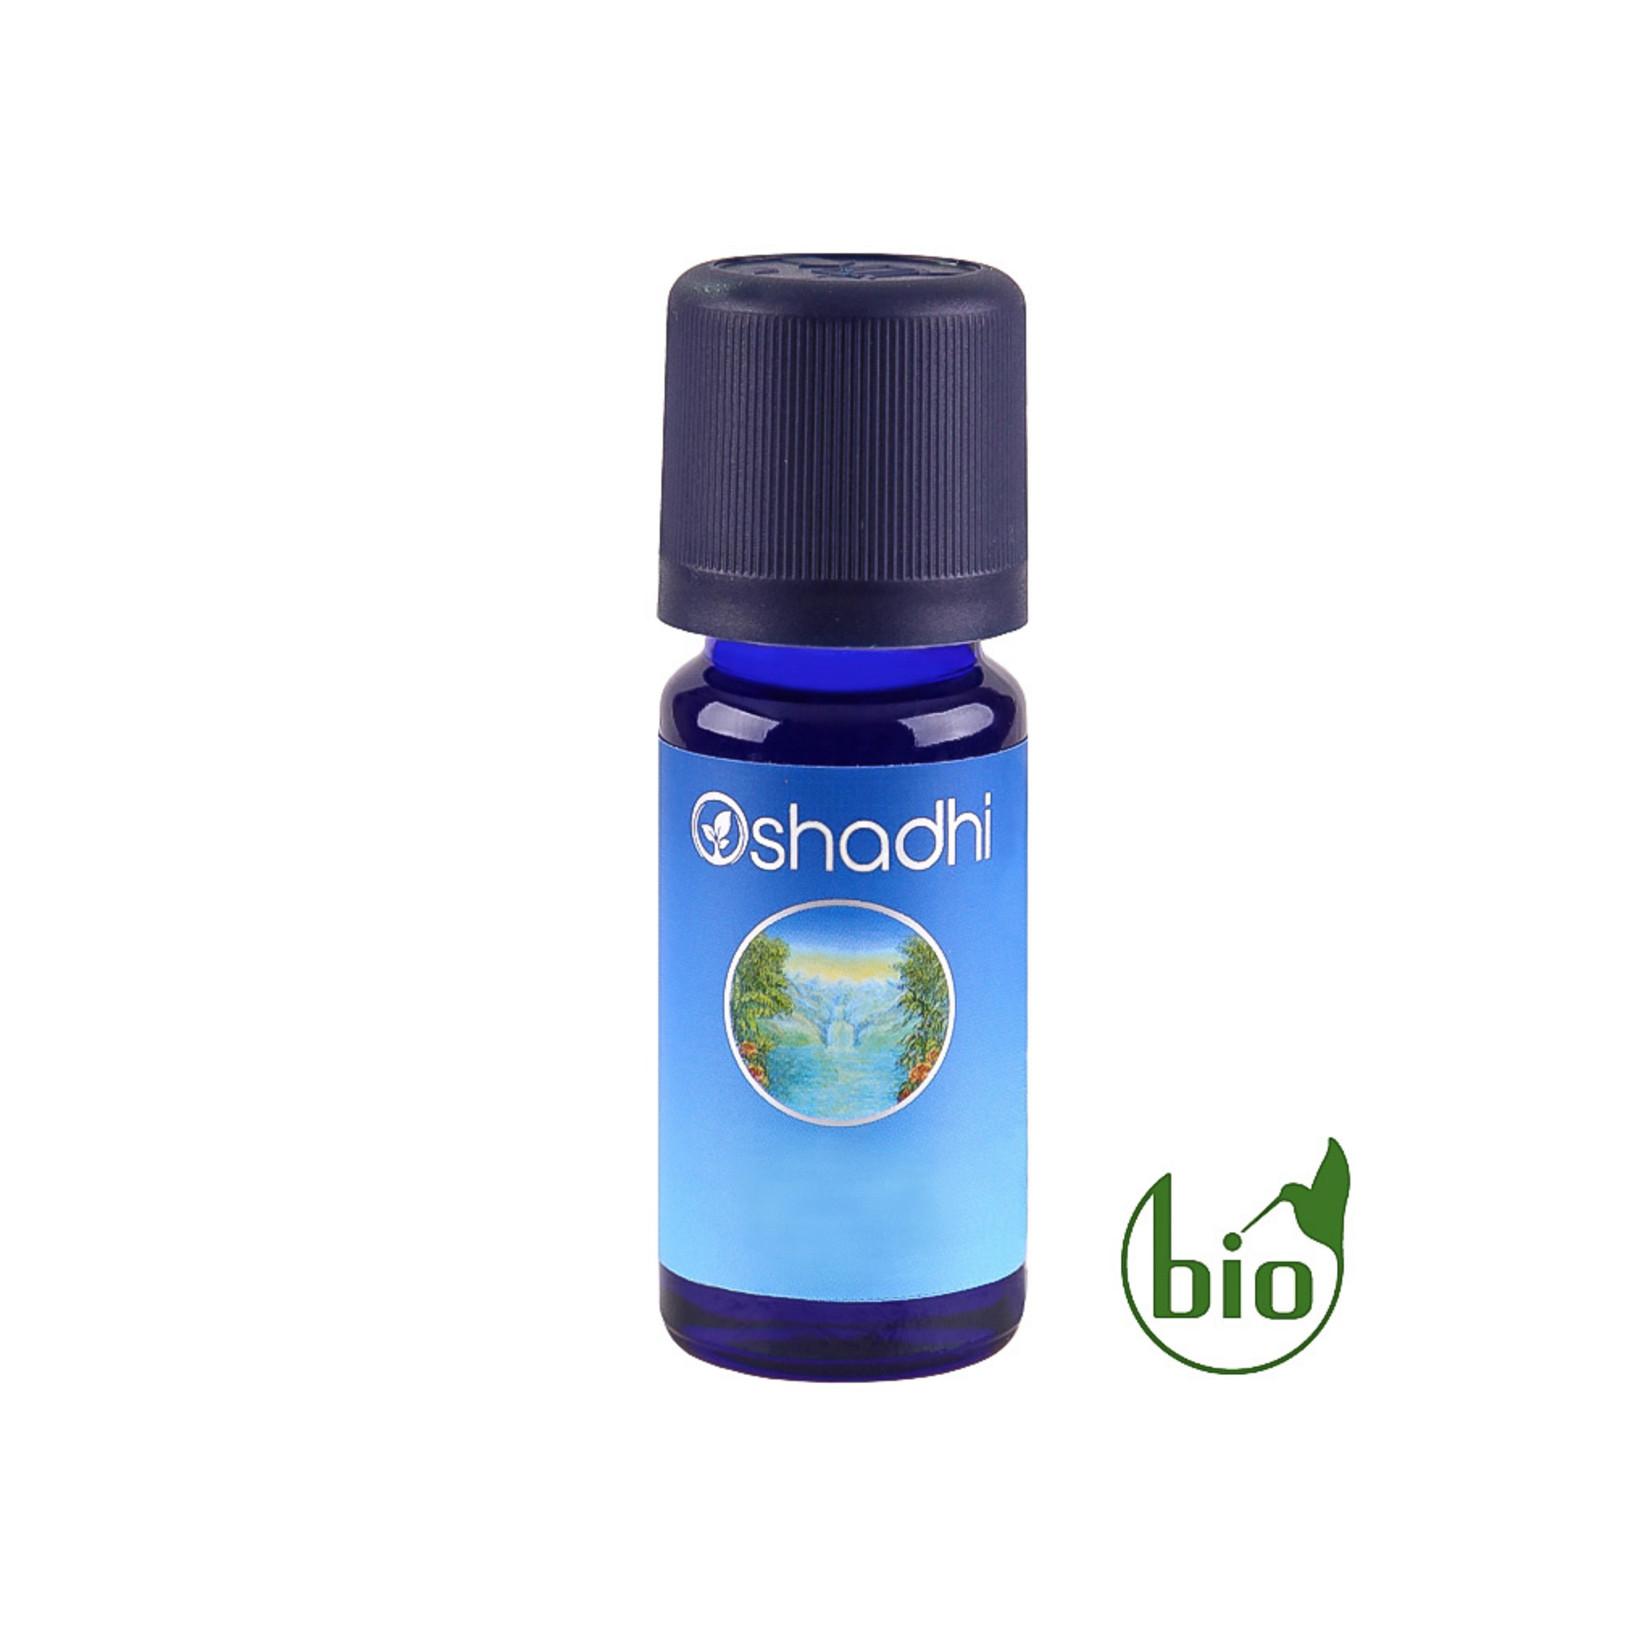 Oshadhi Eucalyptus smithii bio Oshadhi - zachte eucalyptussoort voor kinderen - 10ml